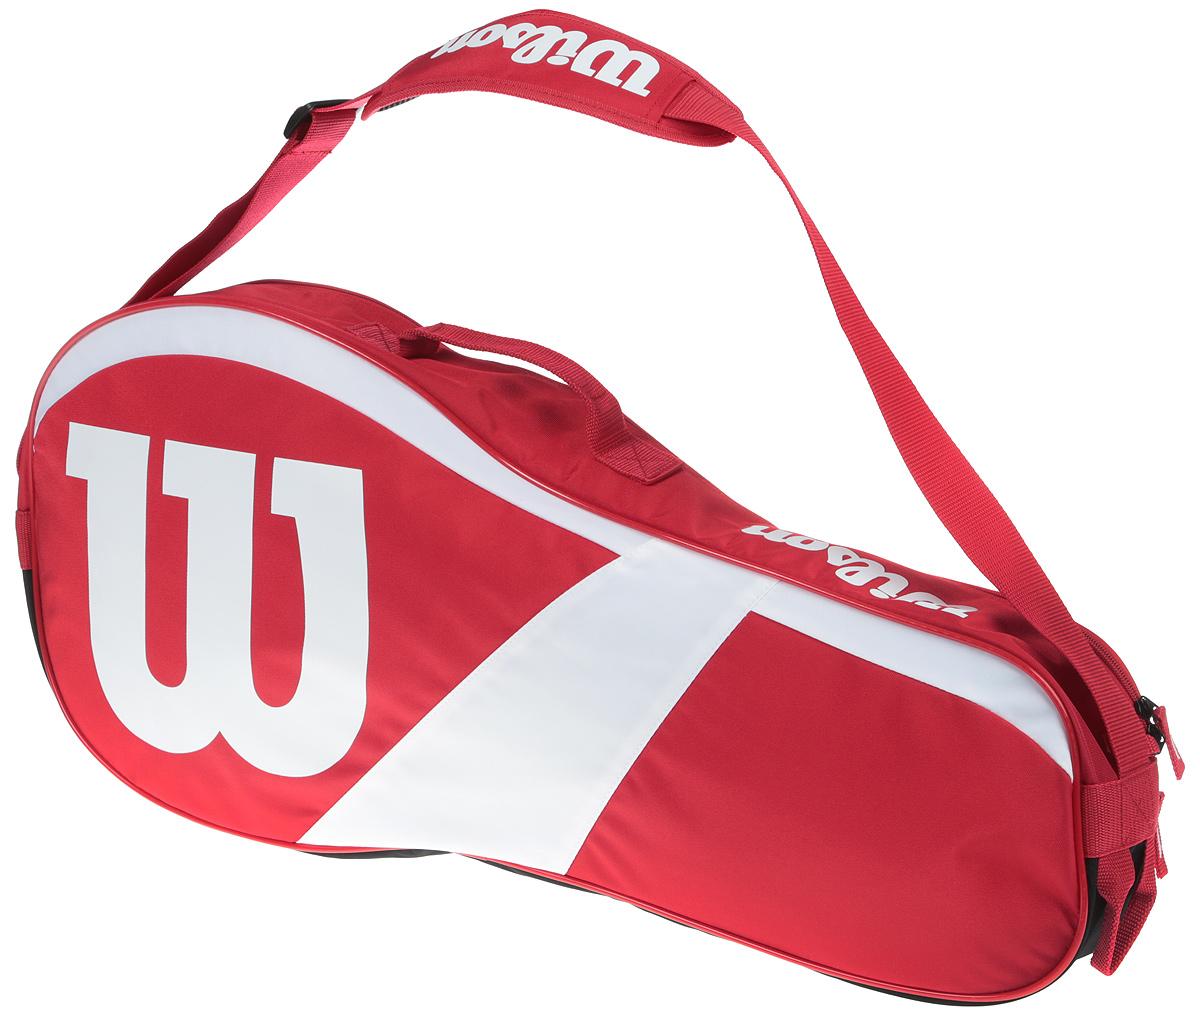 Сумка для теннисных ракеток Wilson Match Iii 3 Pack RdwhWRZ827803Надежная и прочная сумка коллеции Match Collection, вмещающая 3 ракетки детской и коммерческой серии, идеальна для игрока-любителя.